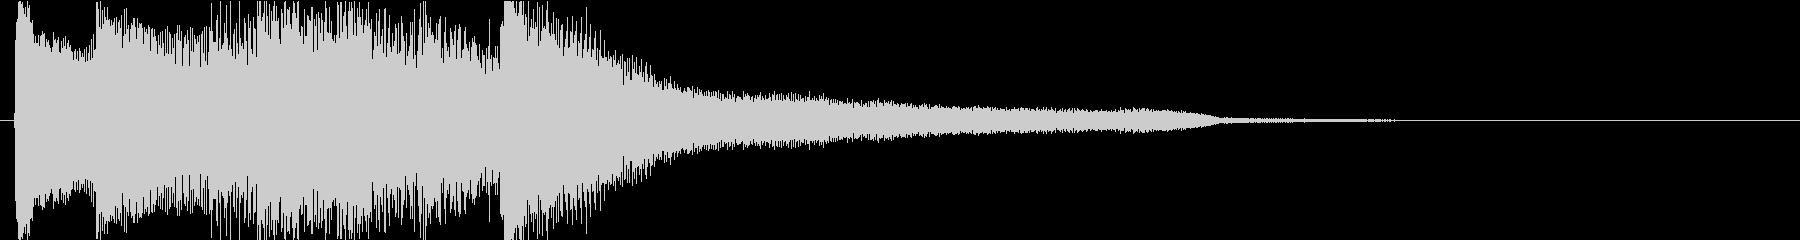 ゆったりとしたピアノの綺麗な伴奏(短め)の未再生の波形